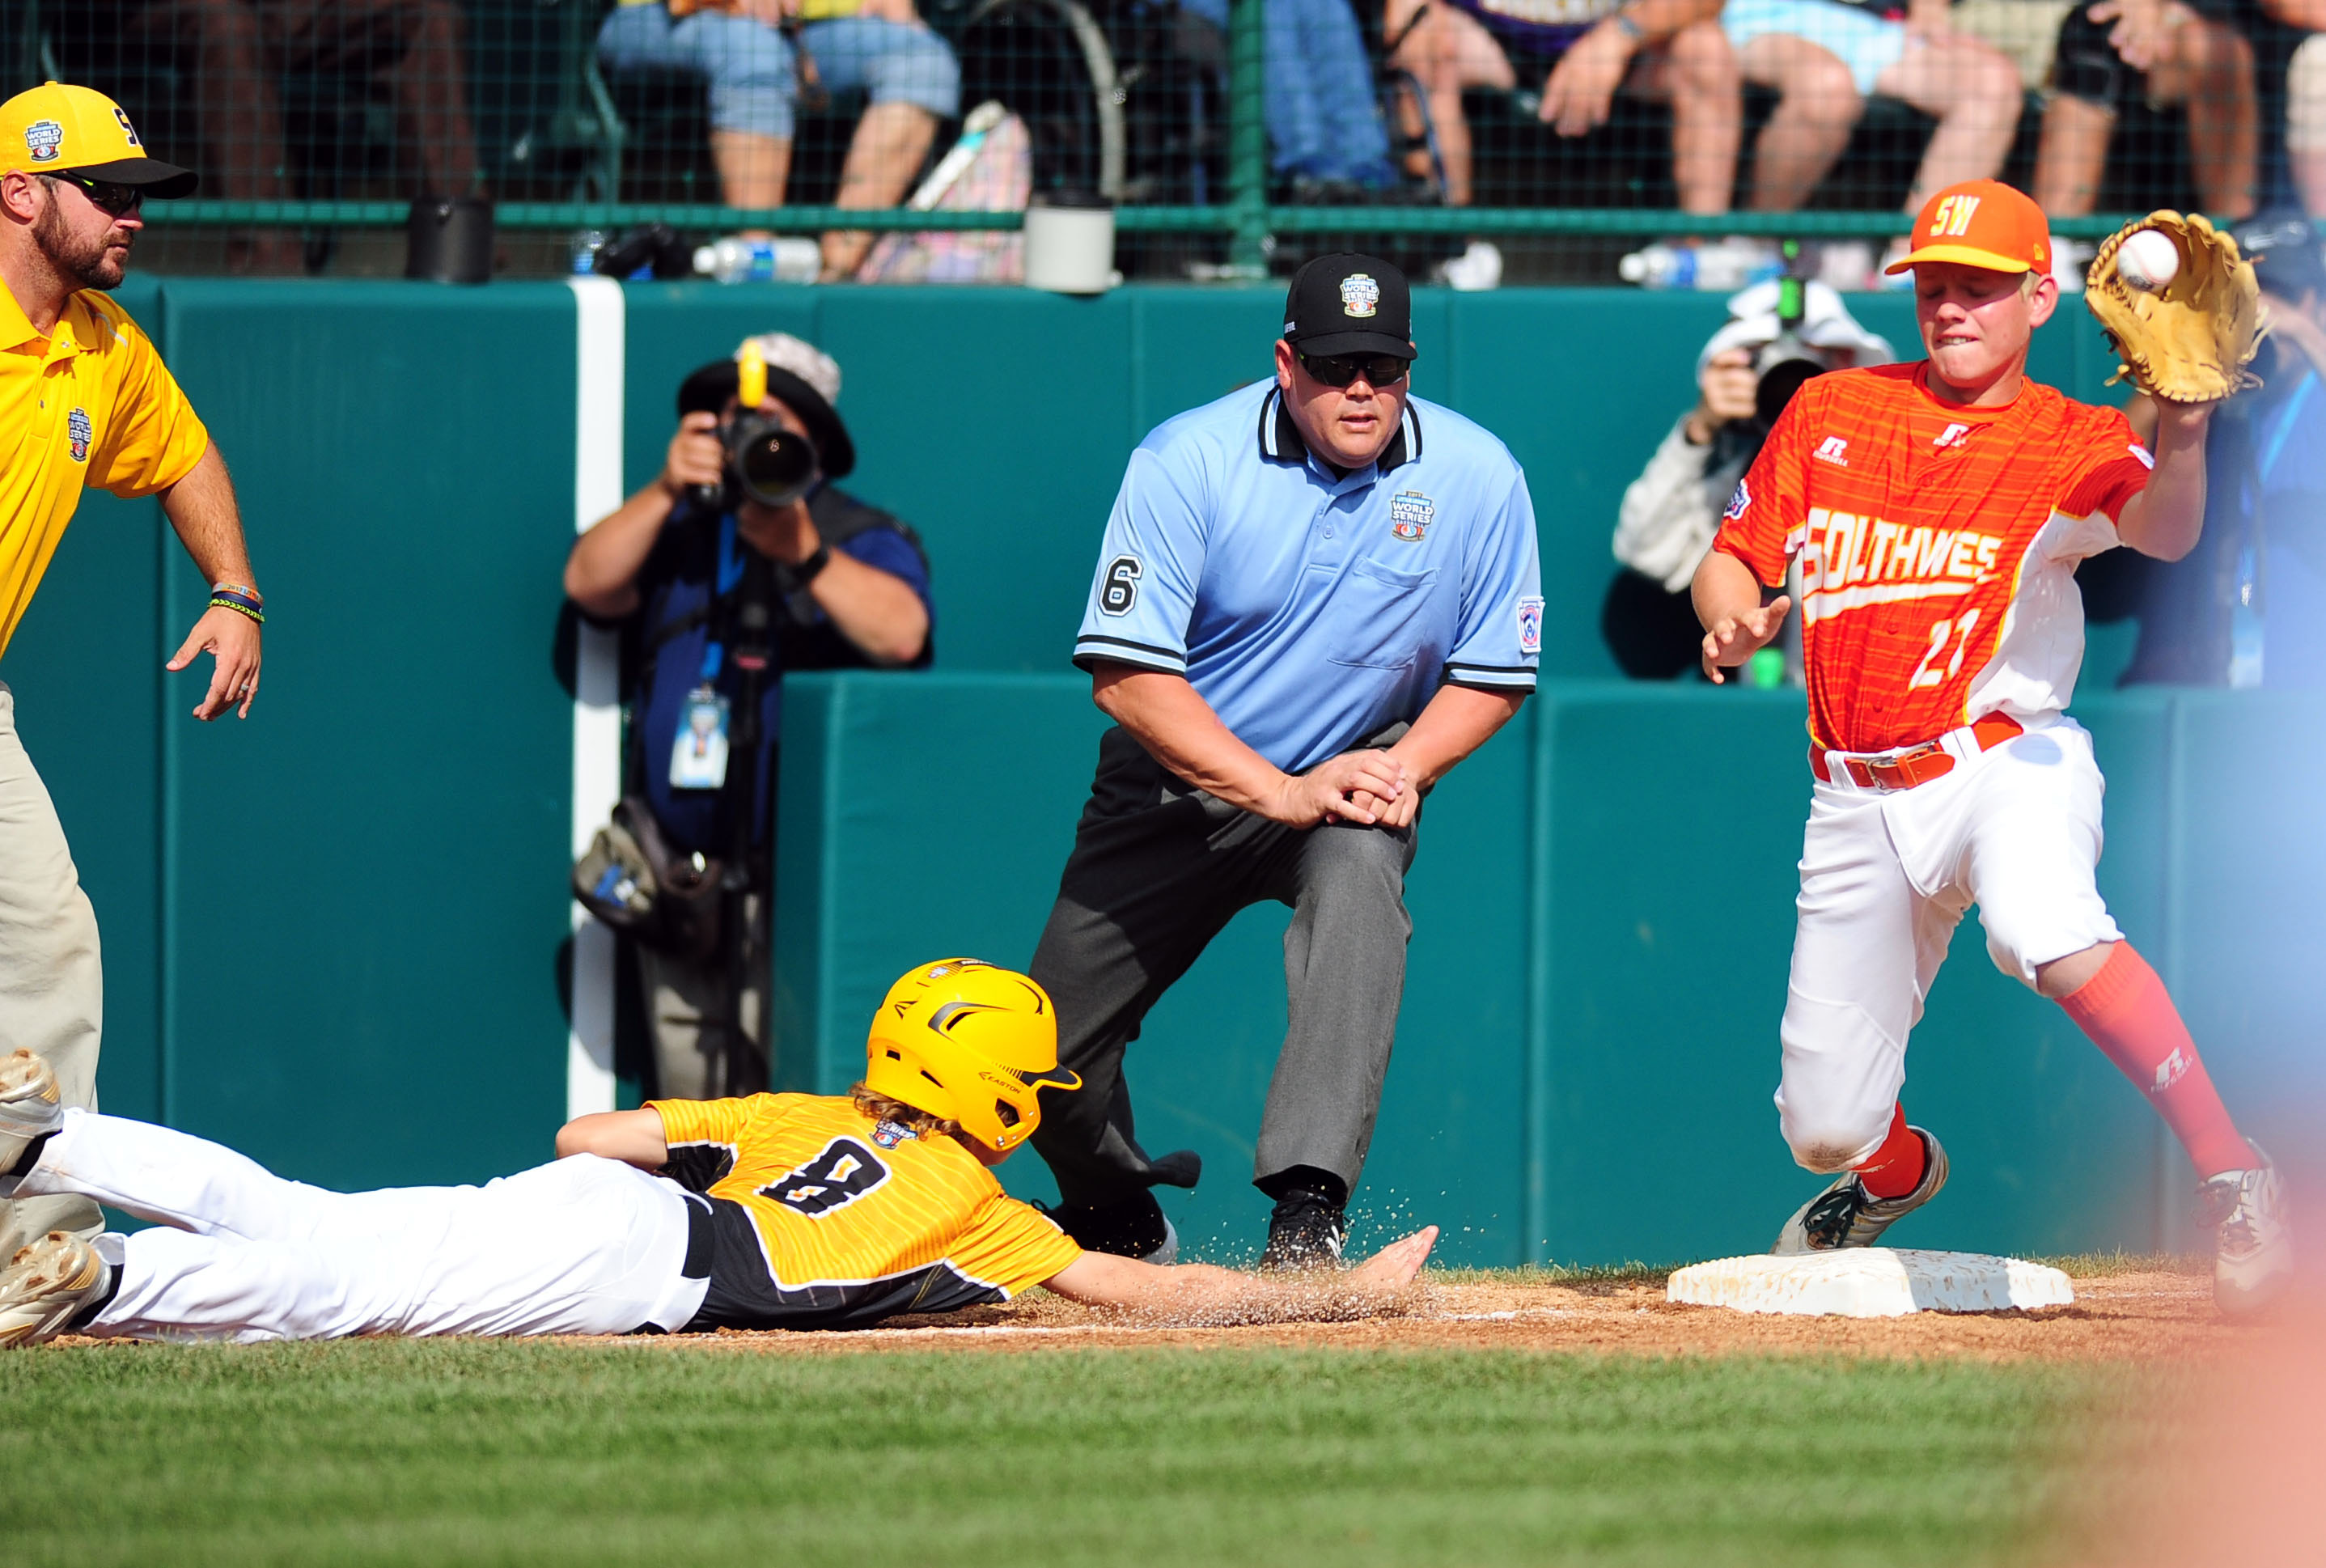 Baseball: Little League World Series-Southwest Region vs Southeast Region